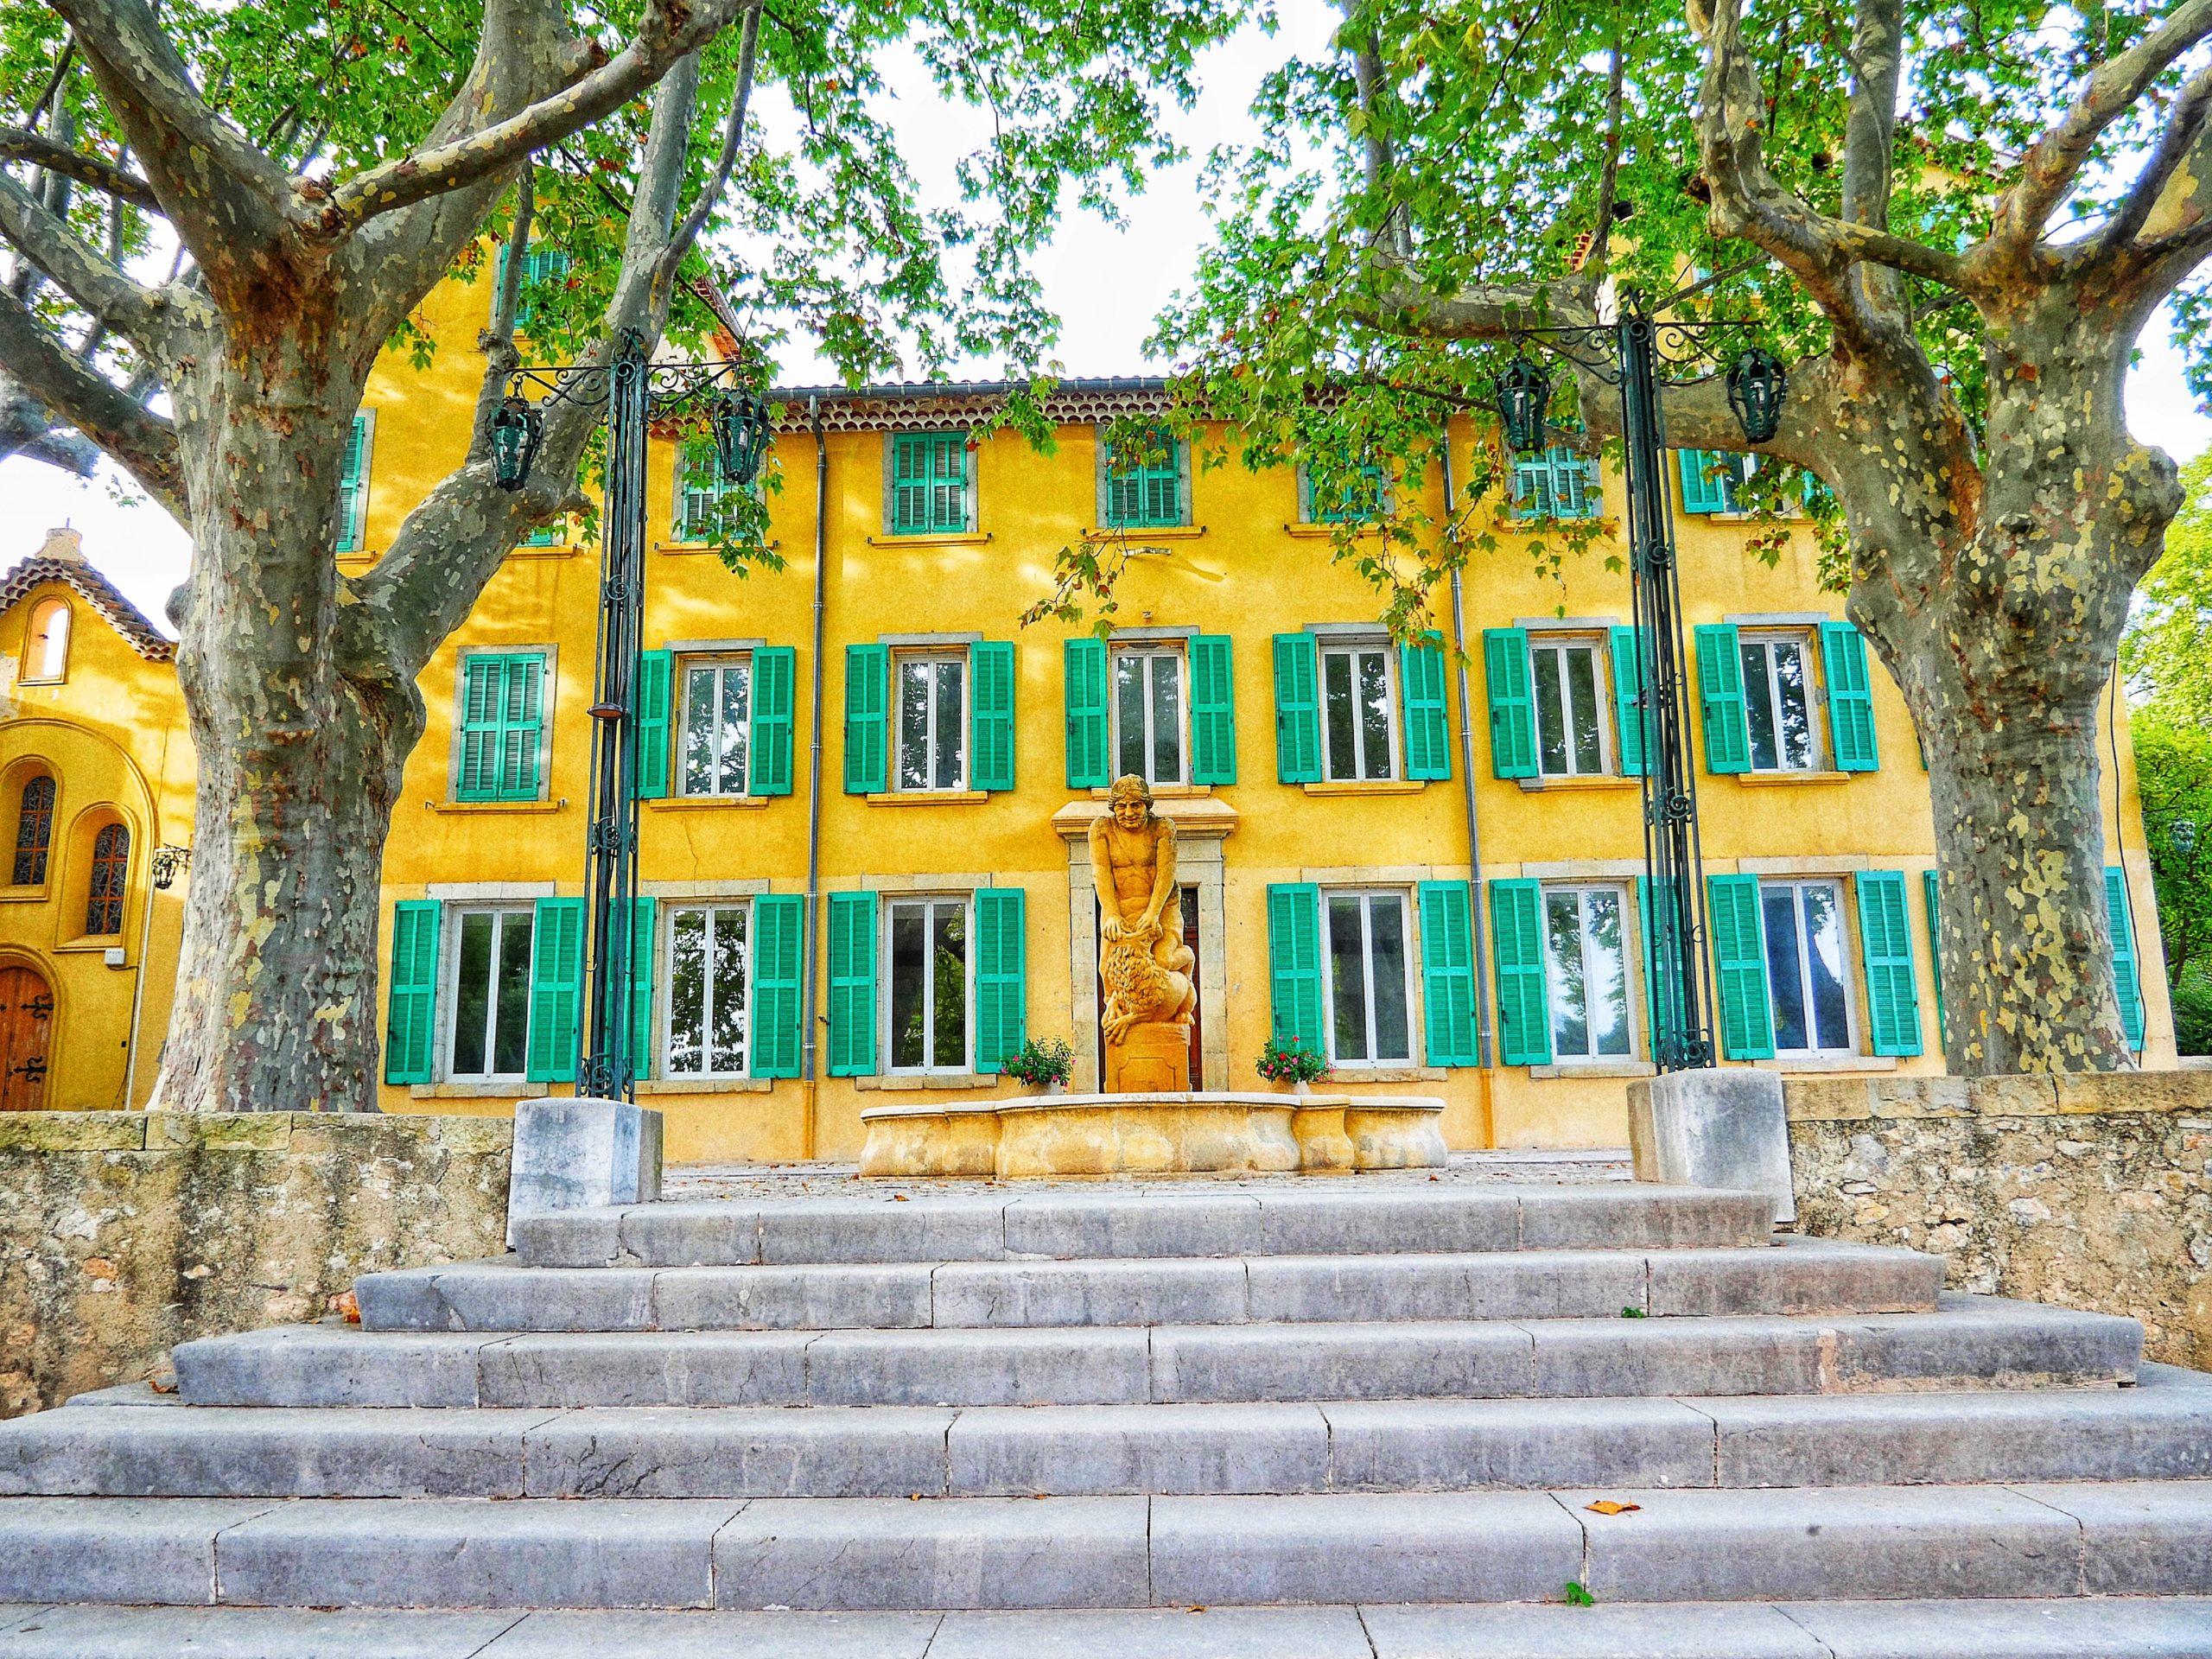 Forêt Modèle de Provence – Domaine Baudouvin – La Valette du Var – jardin remarquable18